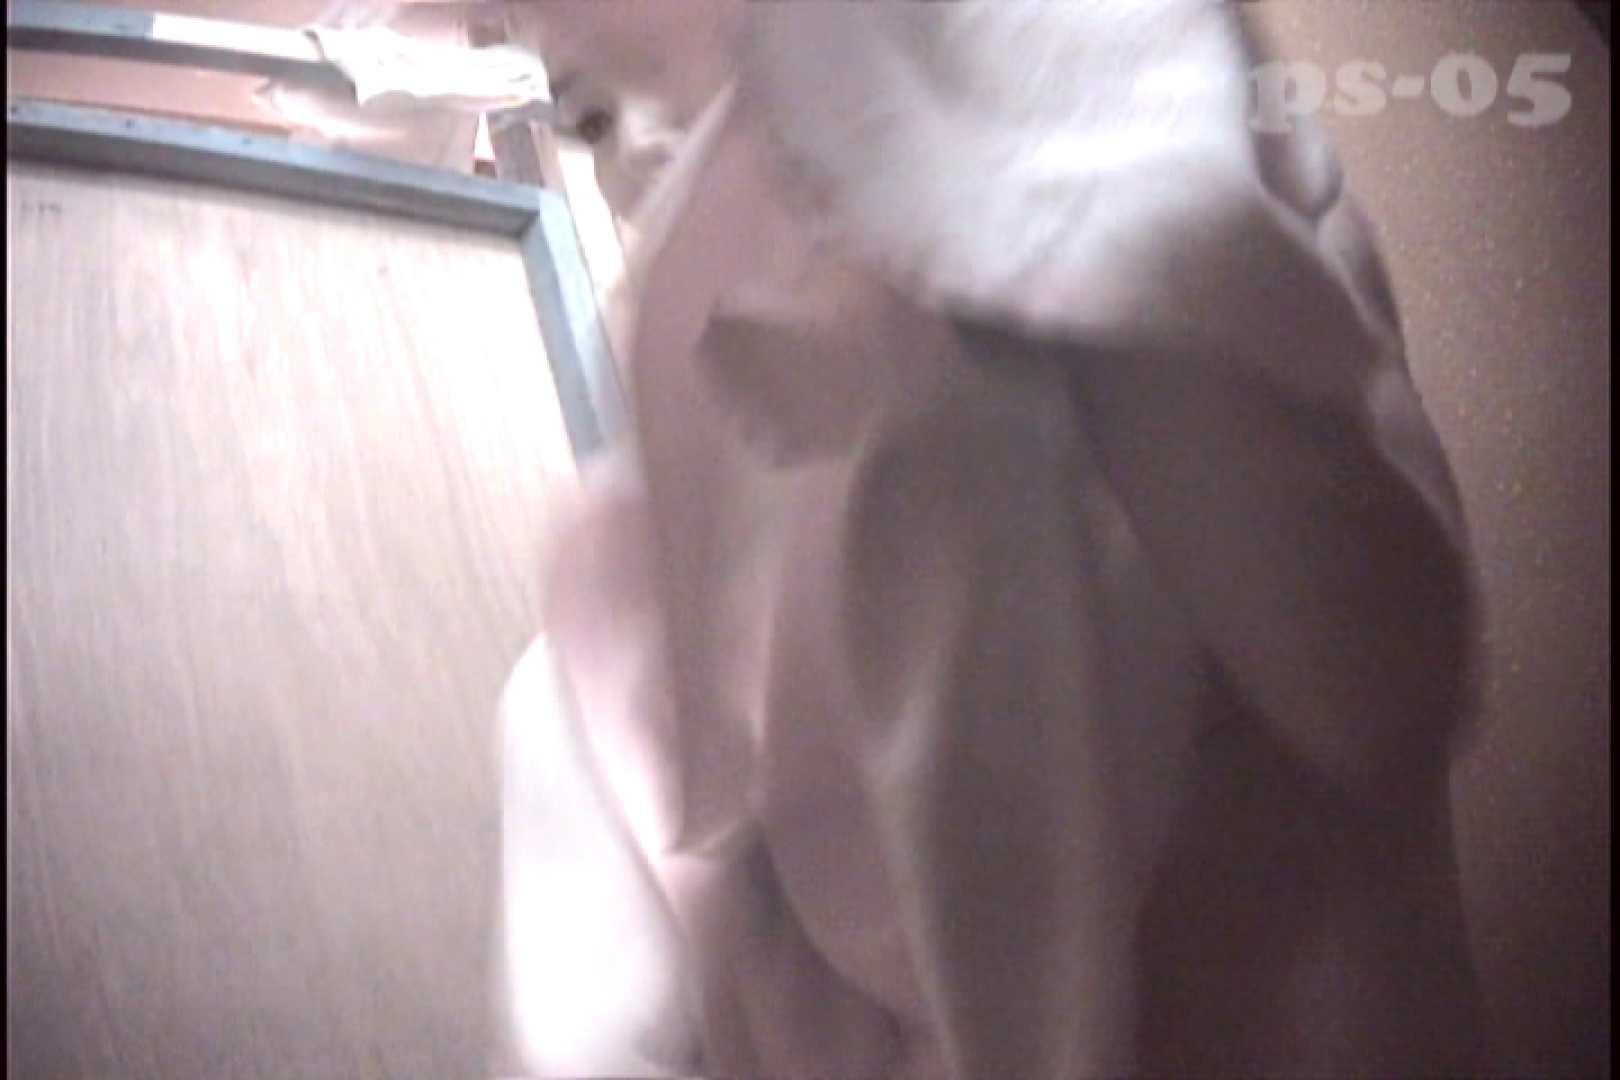 File.29 ビキニに手を入れて股間をごしごし、警戒してか脱ぎません。 脱衣所 おまんこ動画流出 98PIX 97